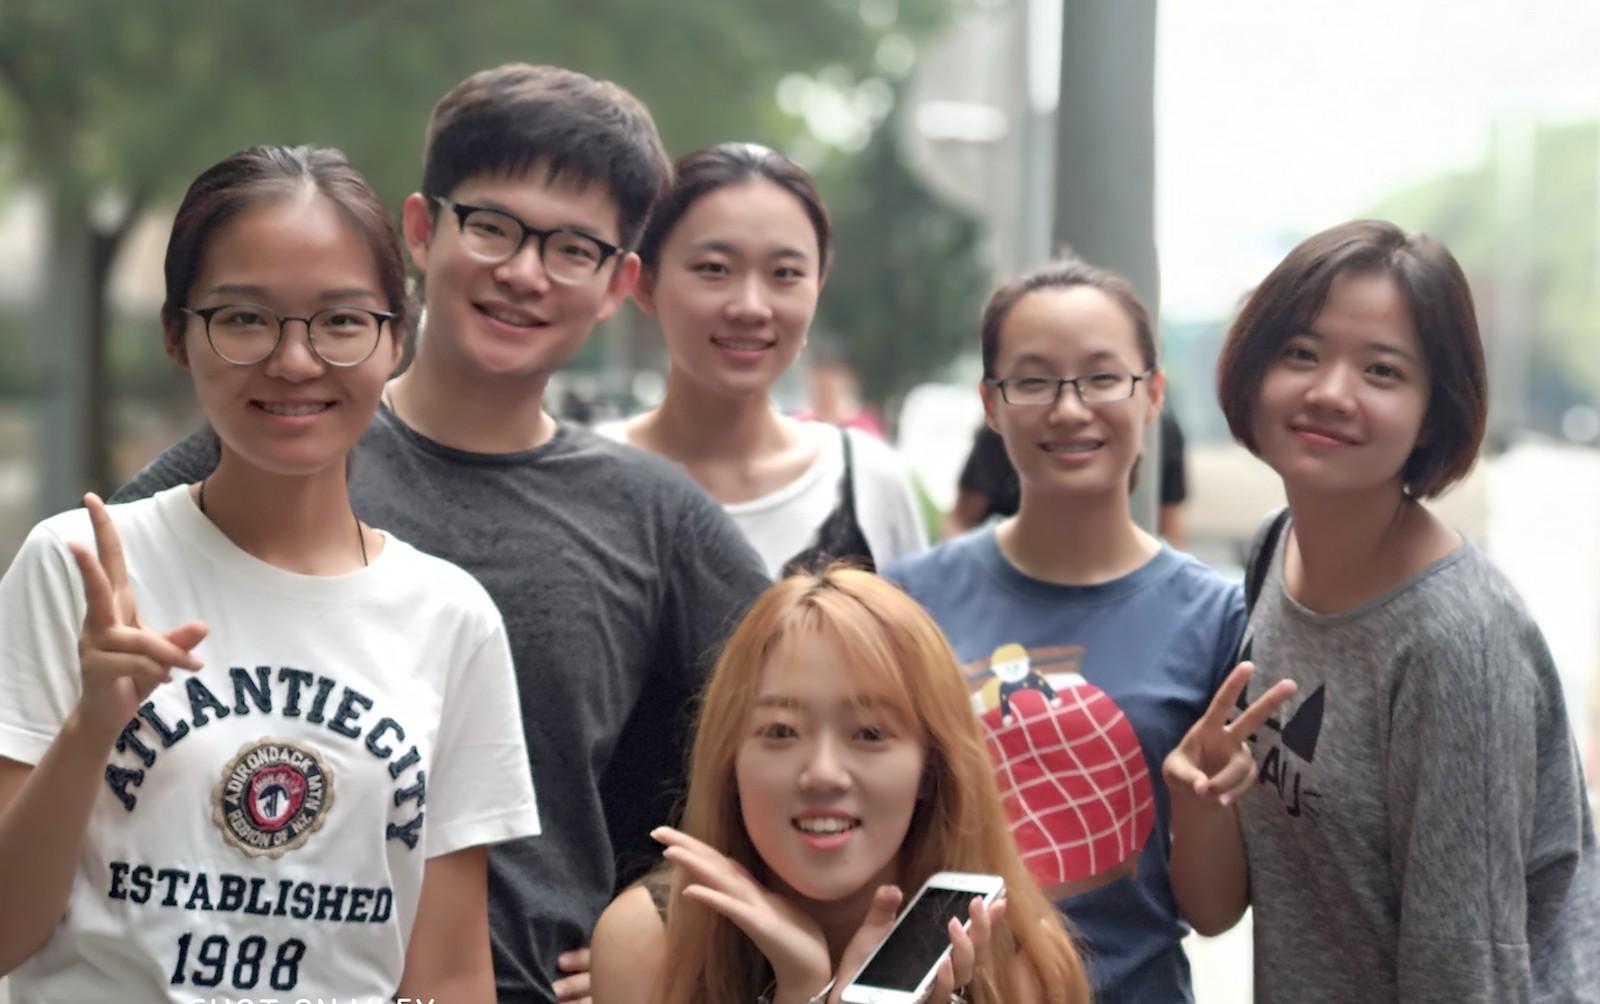 Studenti v Číně nacházejí spolubydlící na kolejích pomocí strojového učení